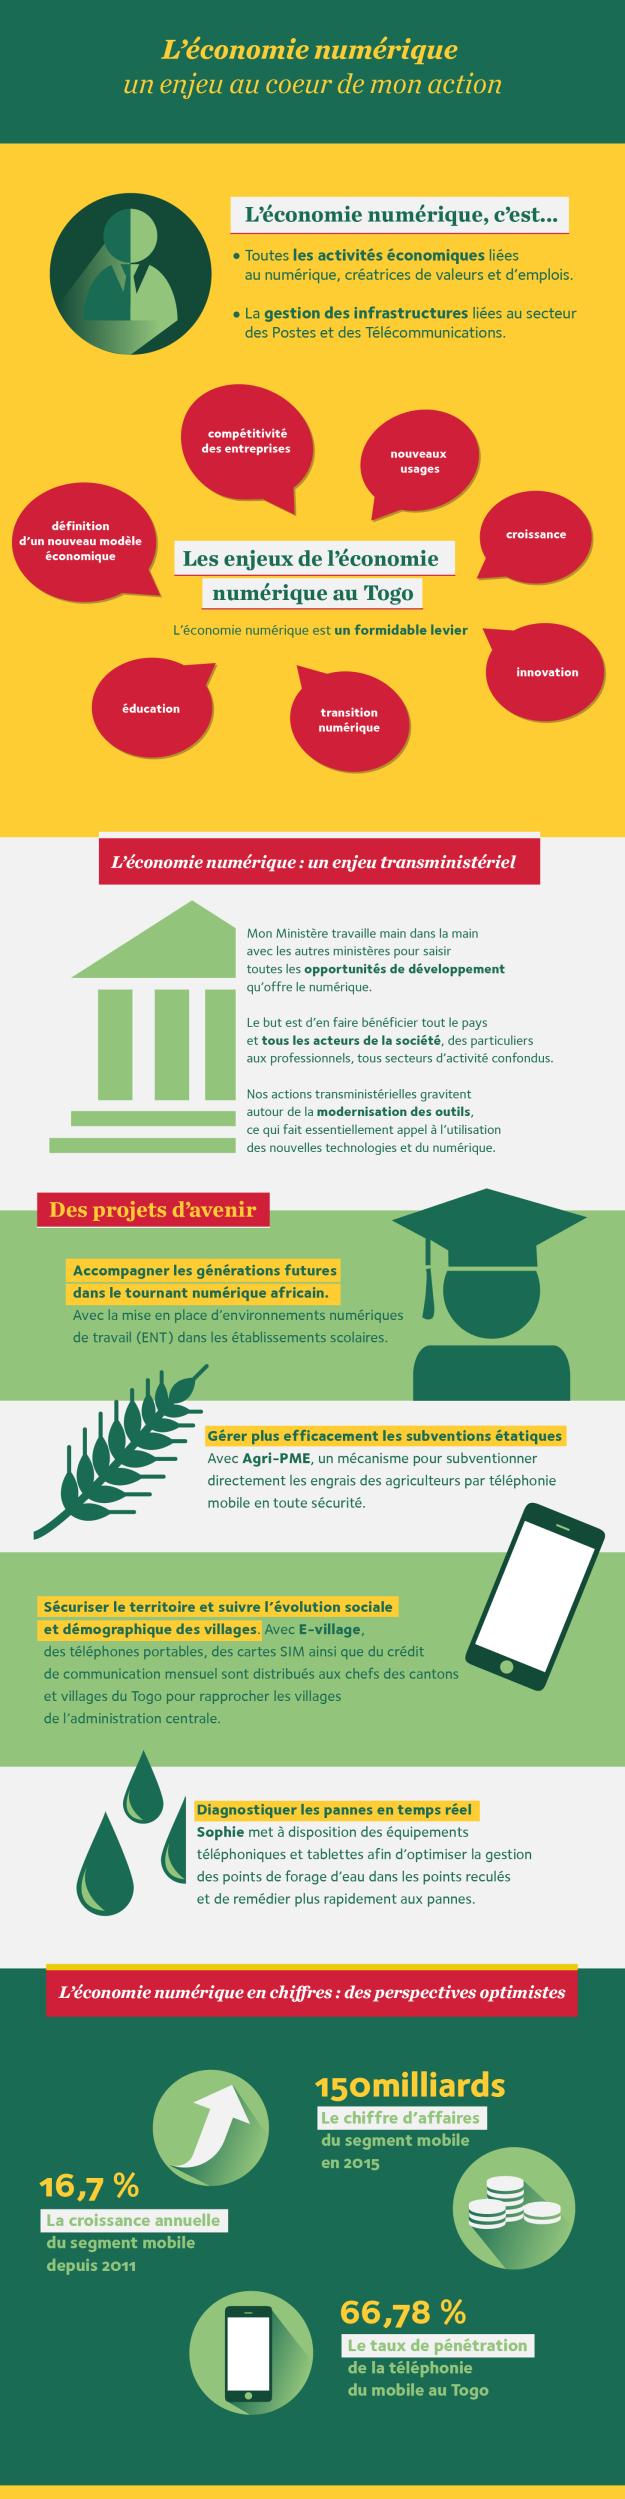 L'économie numérique-04-3.png